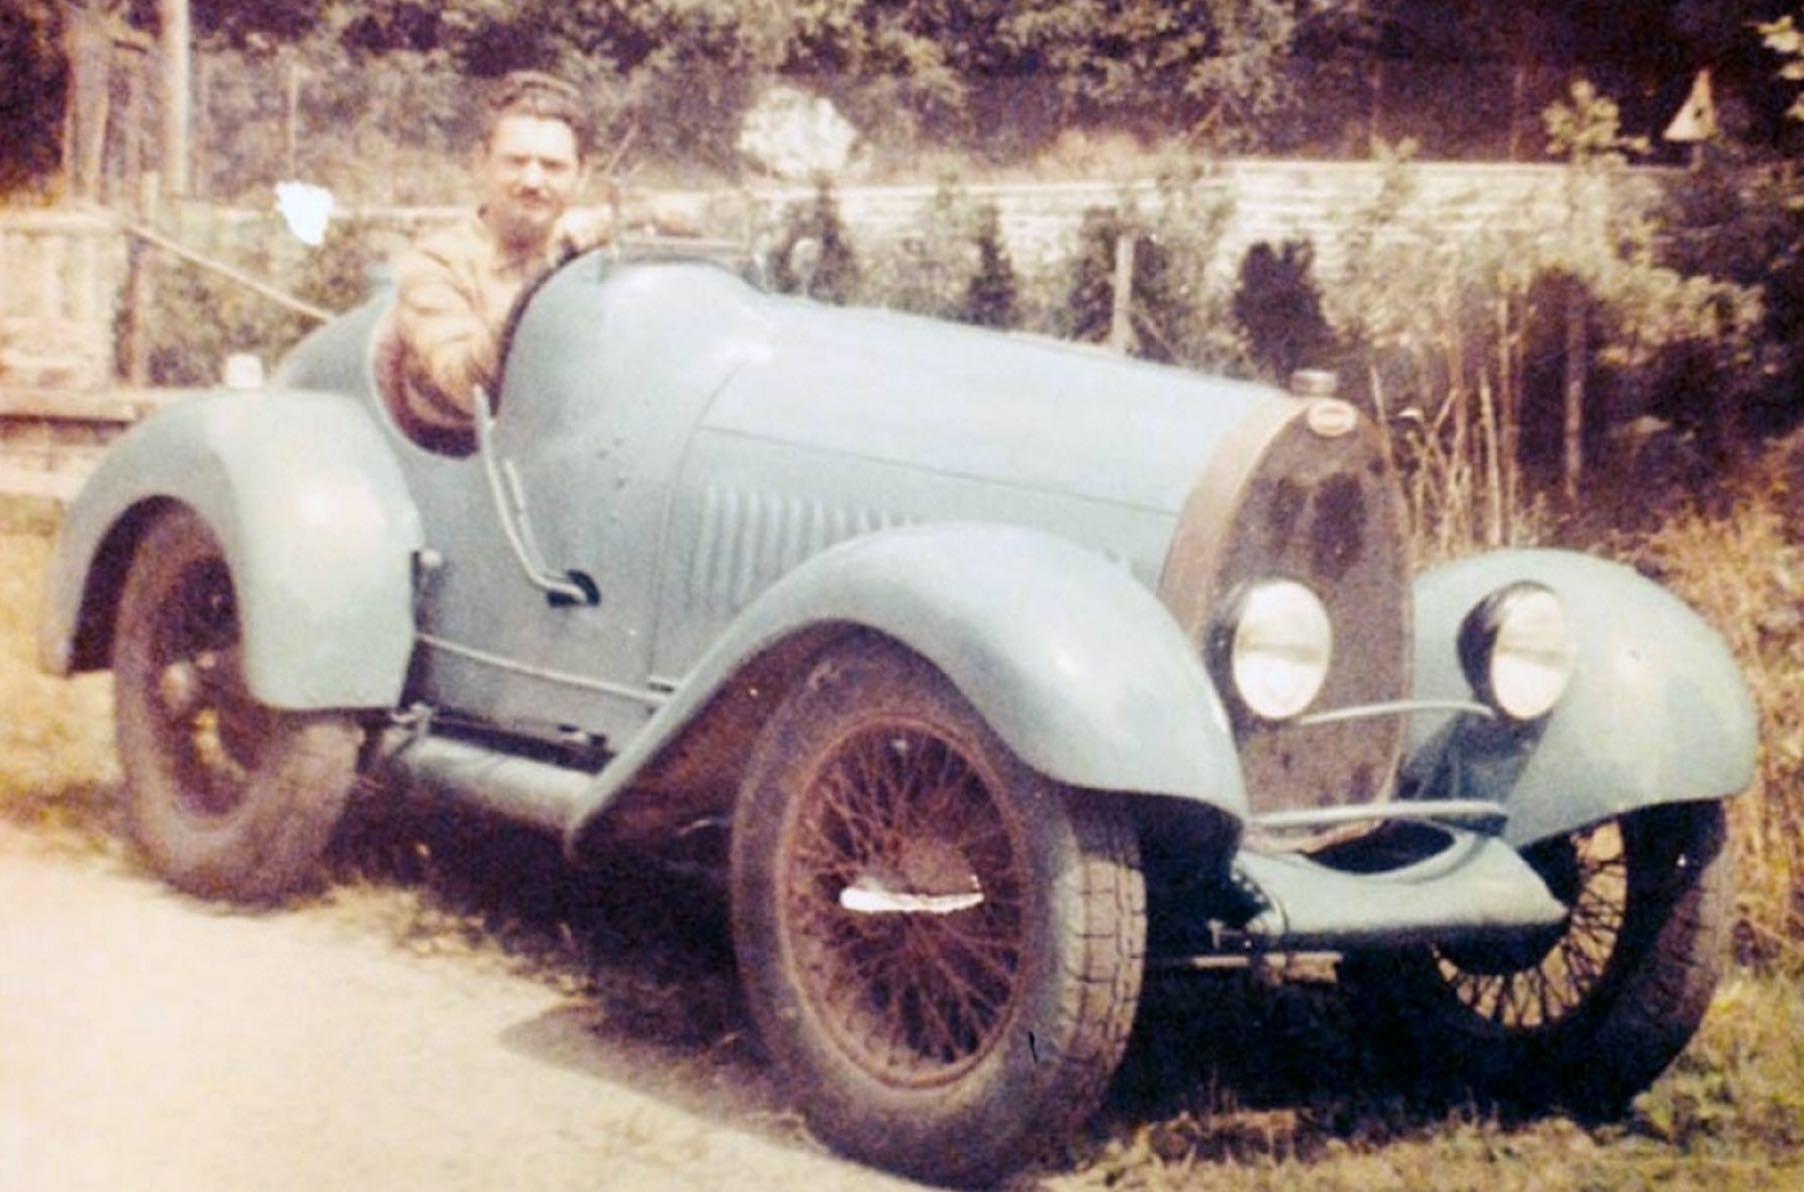 Rare 1925 Barn Find Bugatti Hits the Auction Block